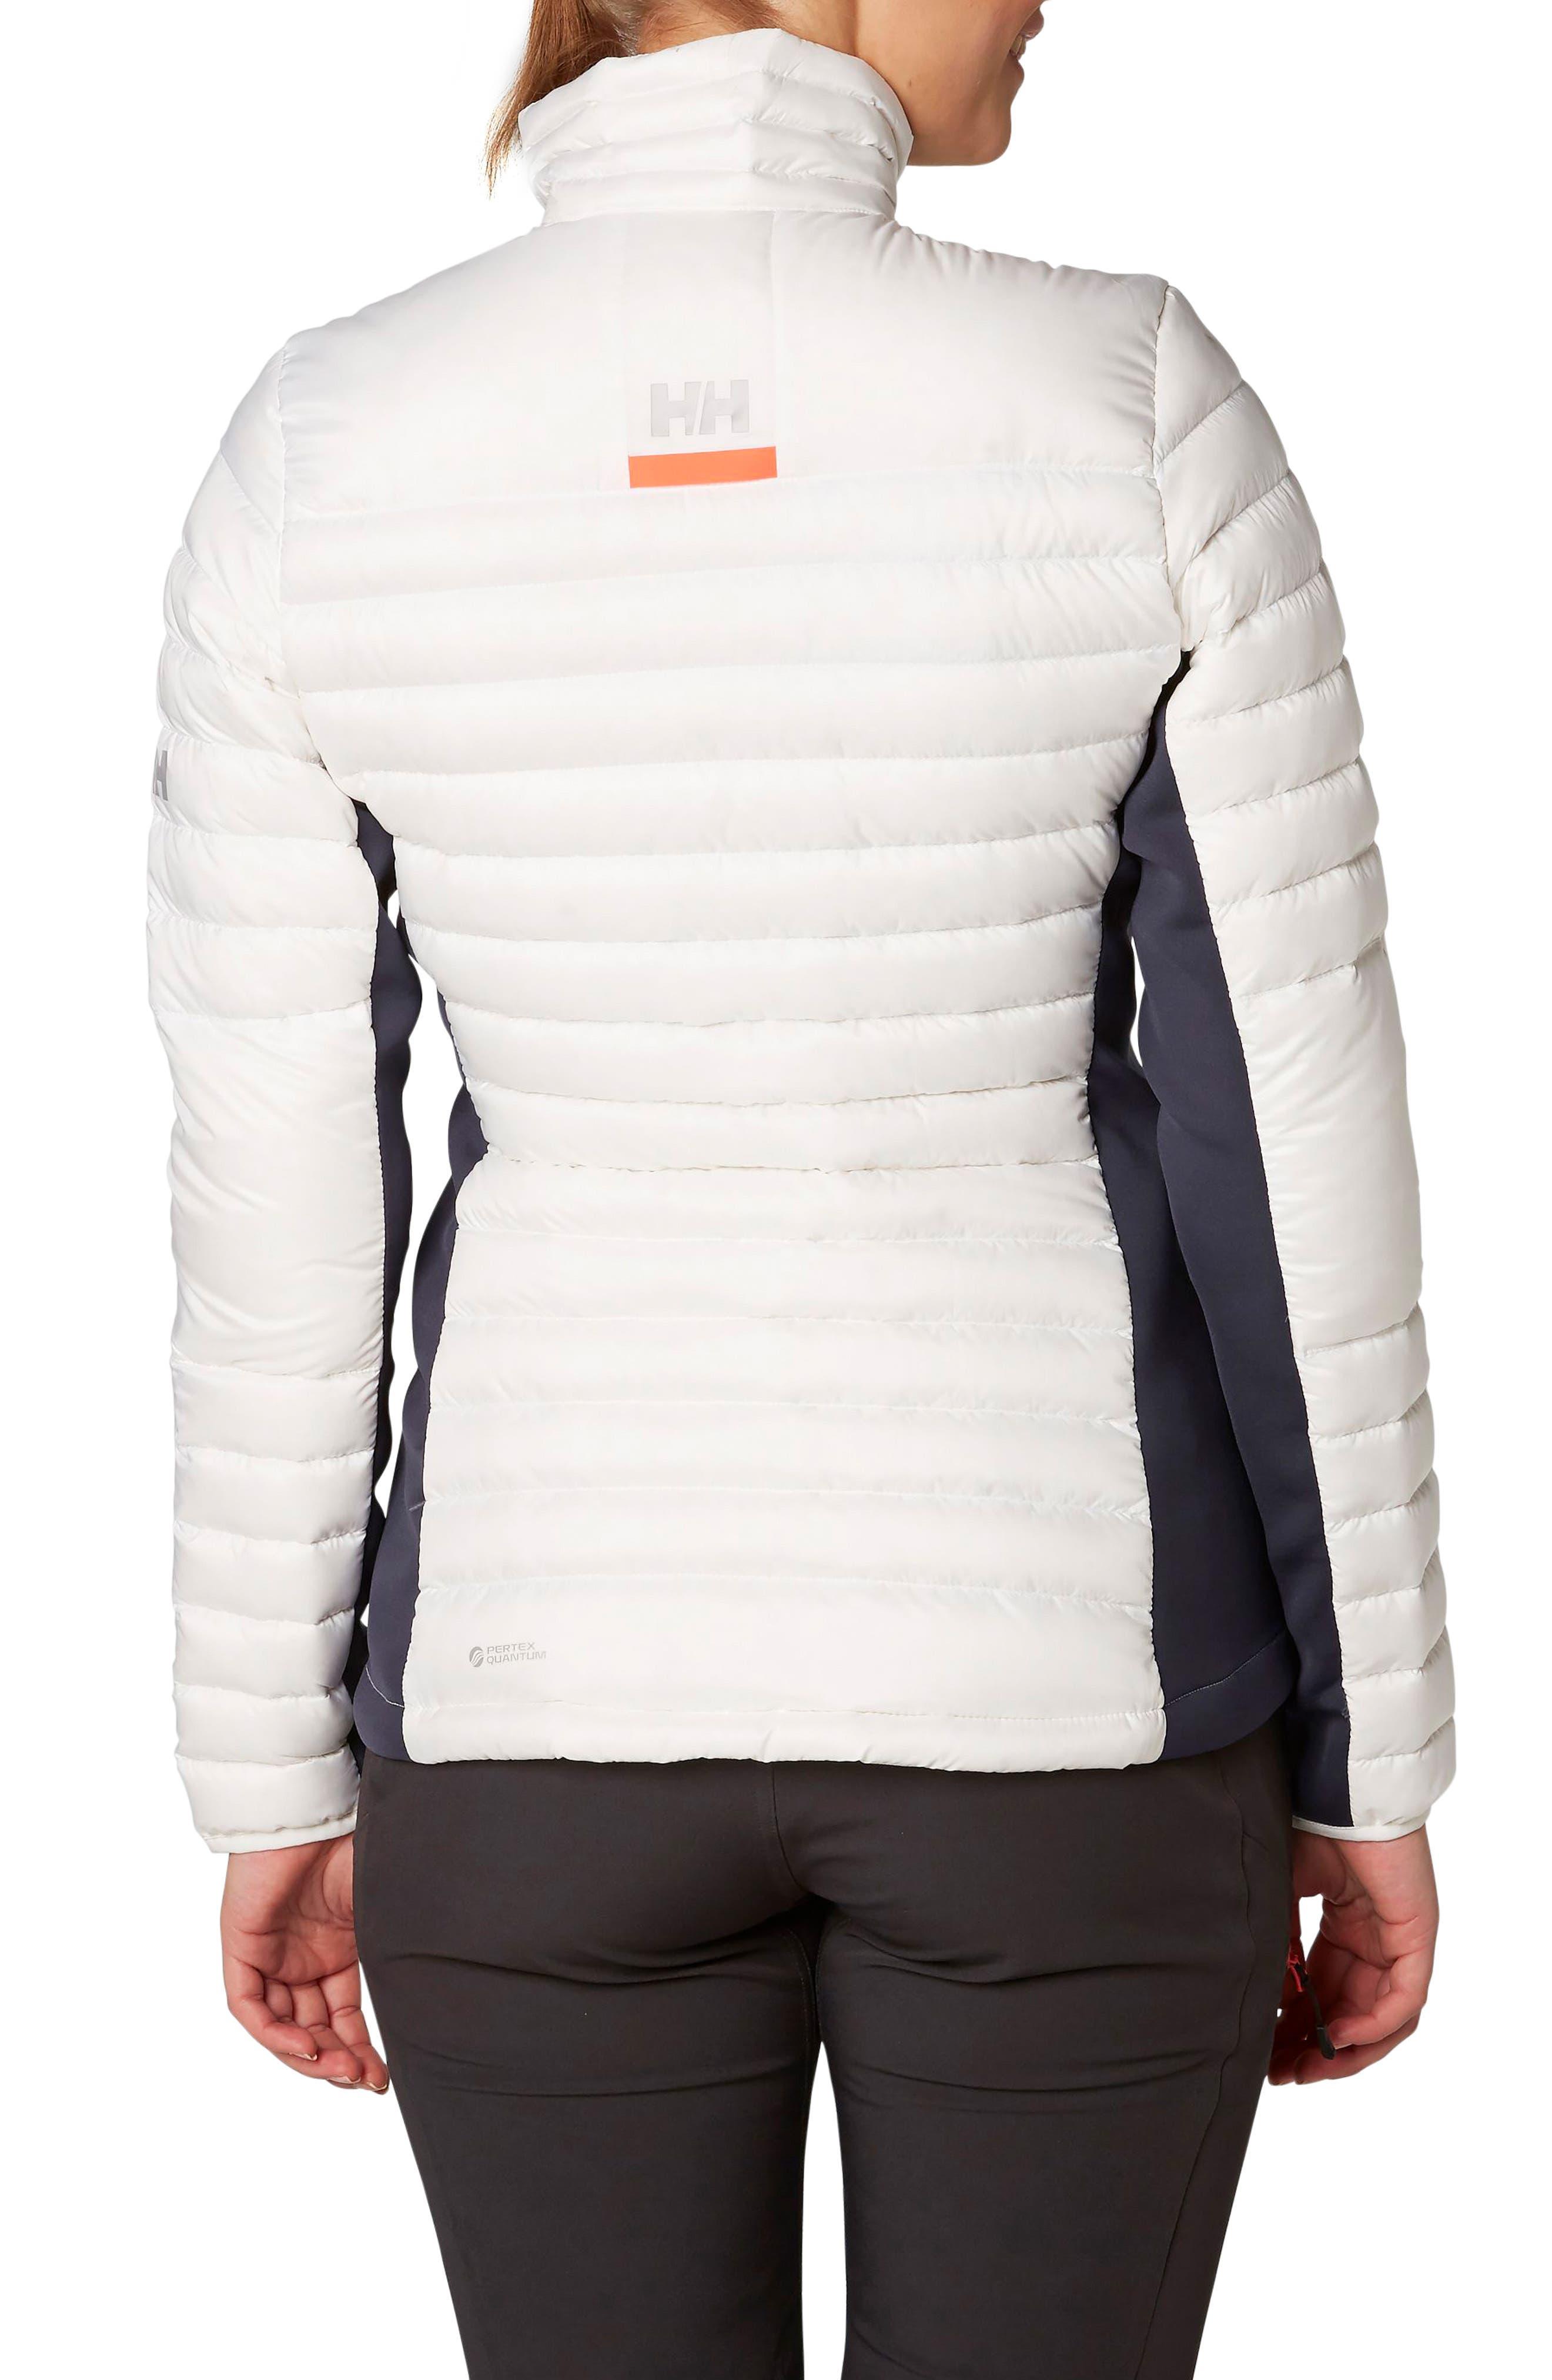 Alternate Image 2  - Helly Hansen Verglas Hybrid Down Insulator Jacket